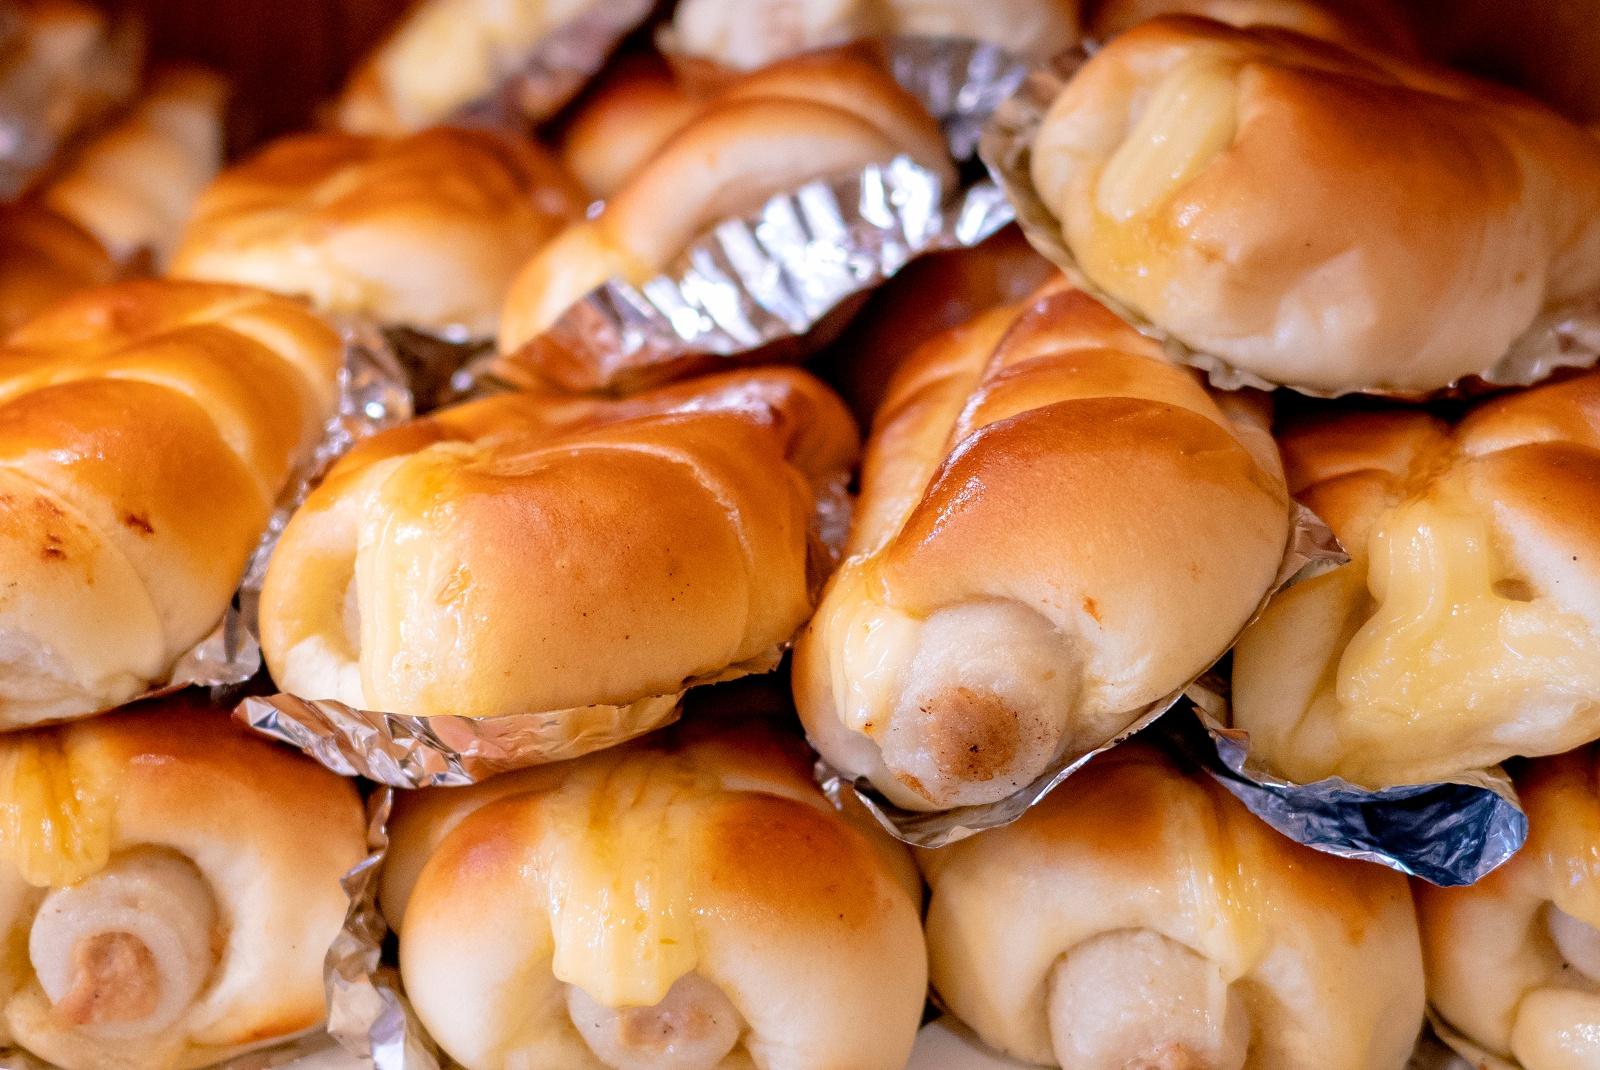 北海道名物「ちくわパン」その産みの親は札幌の「どんぐり」だった!?